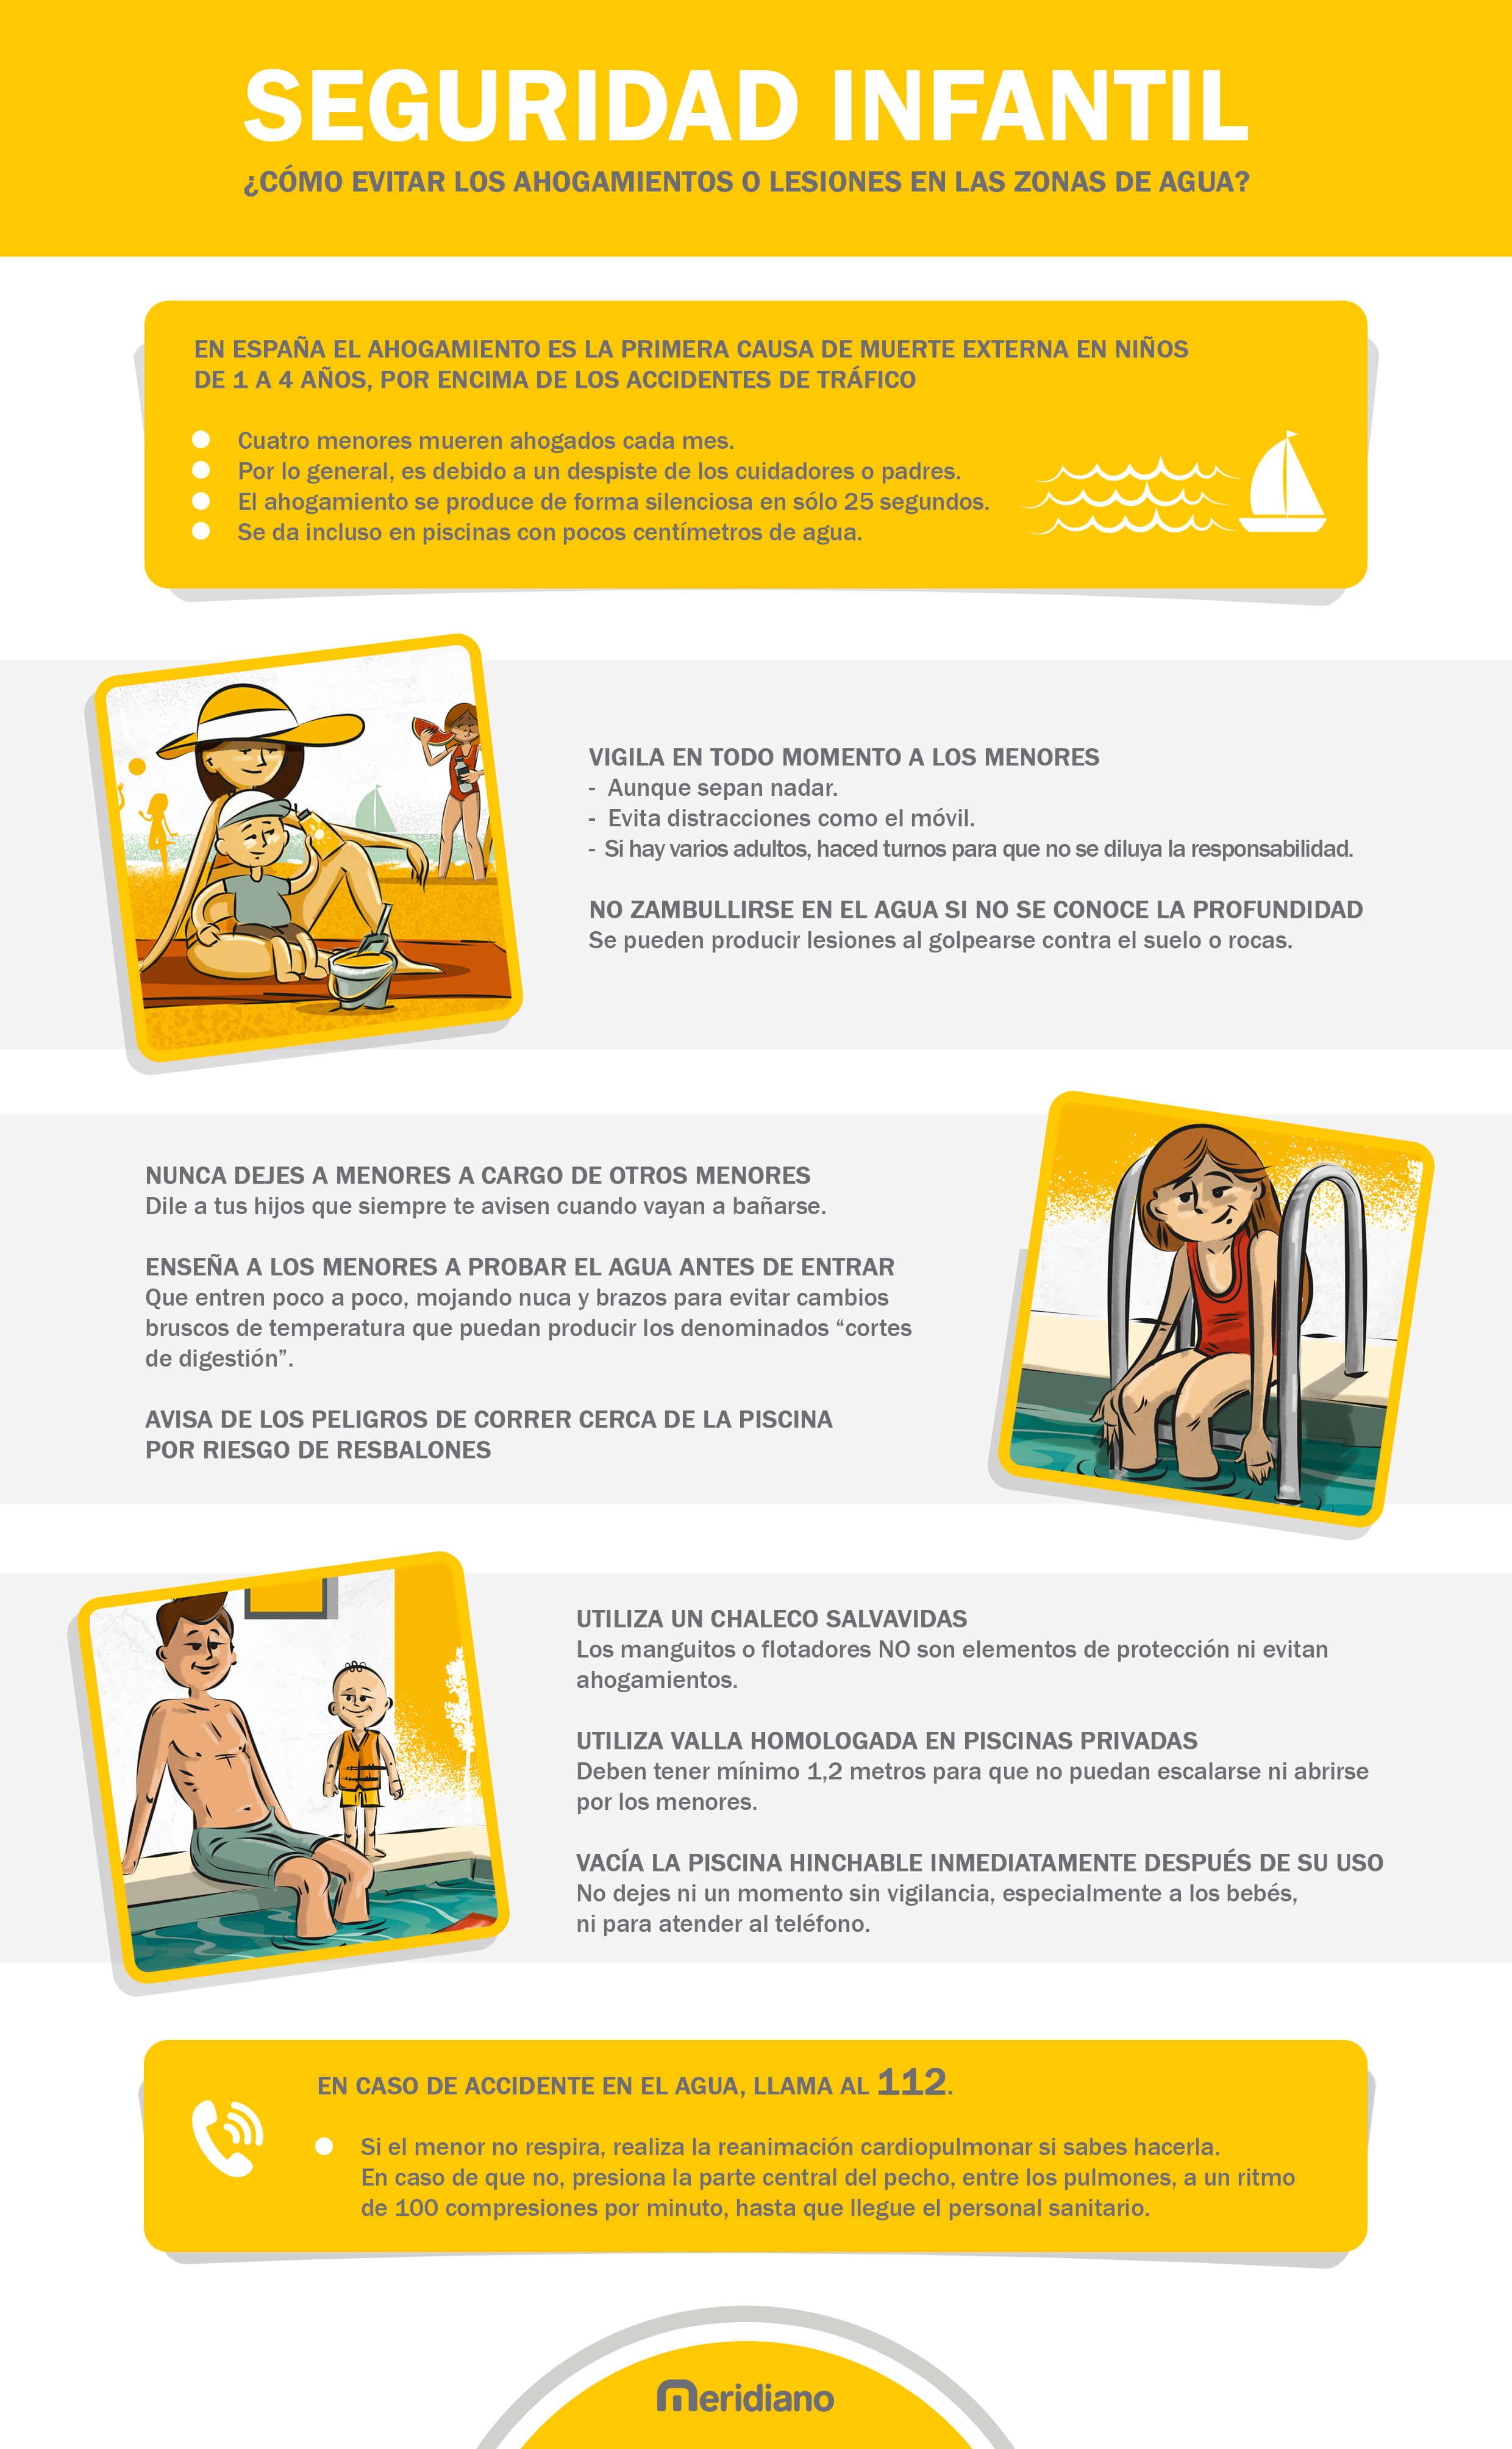 Seguridad infantil: ¿cómo evitar los ahogamientos y lesiones en el agua?